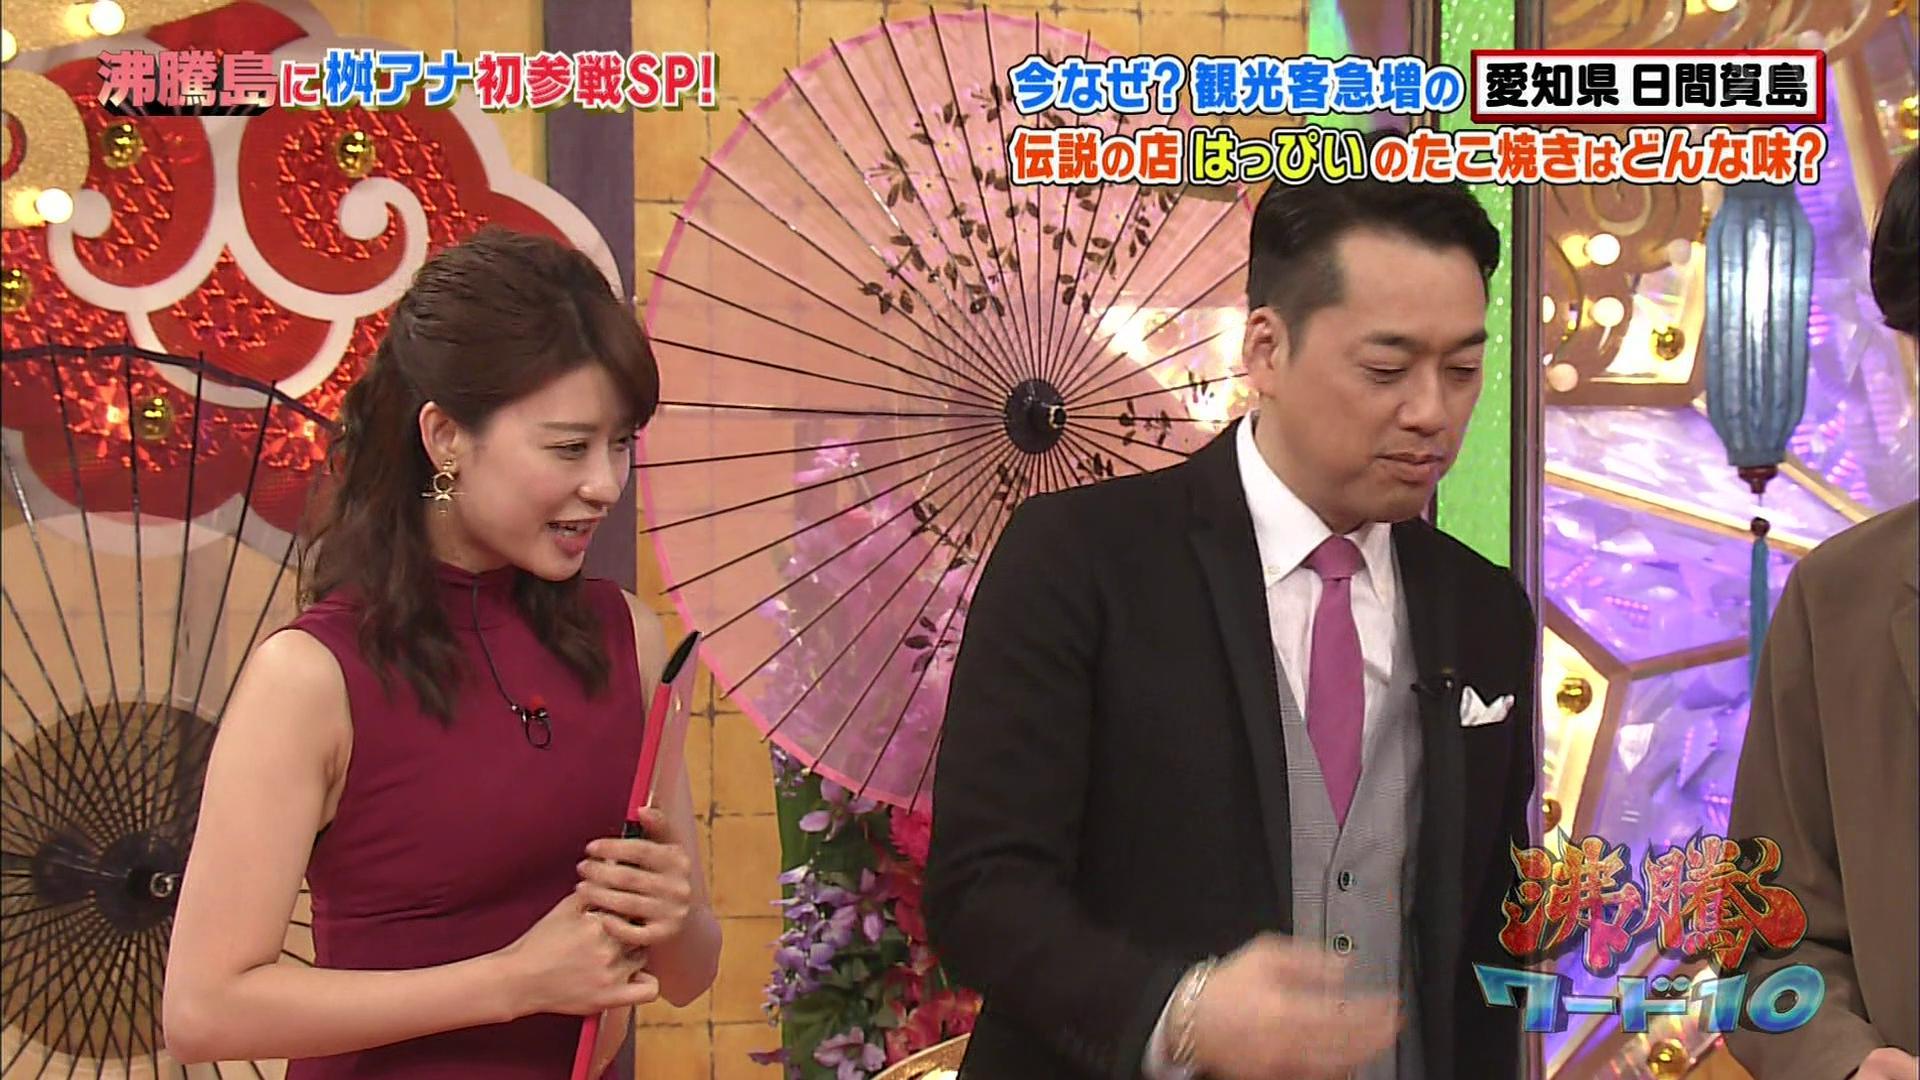 郡司恭子アナが「Oha!4」に登場!